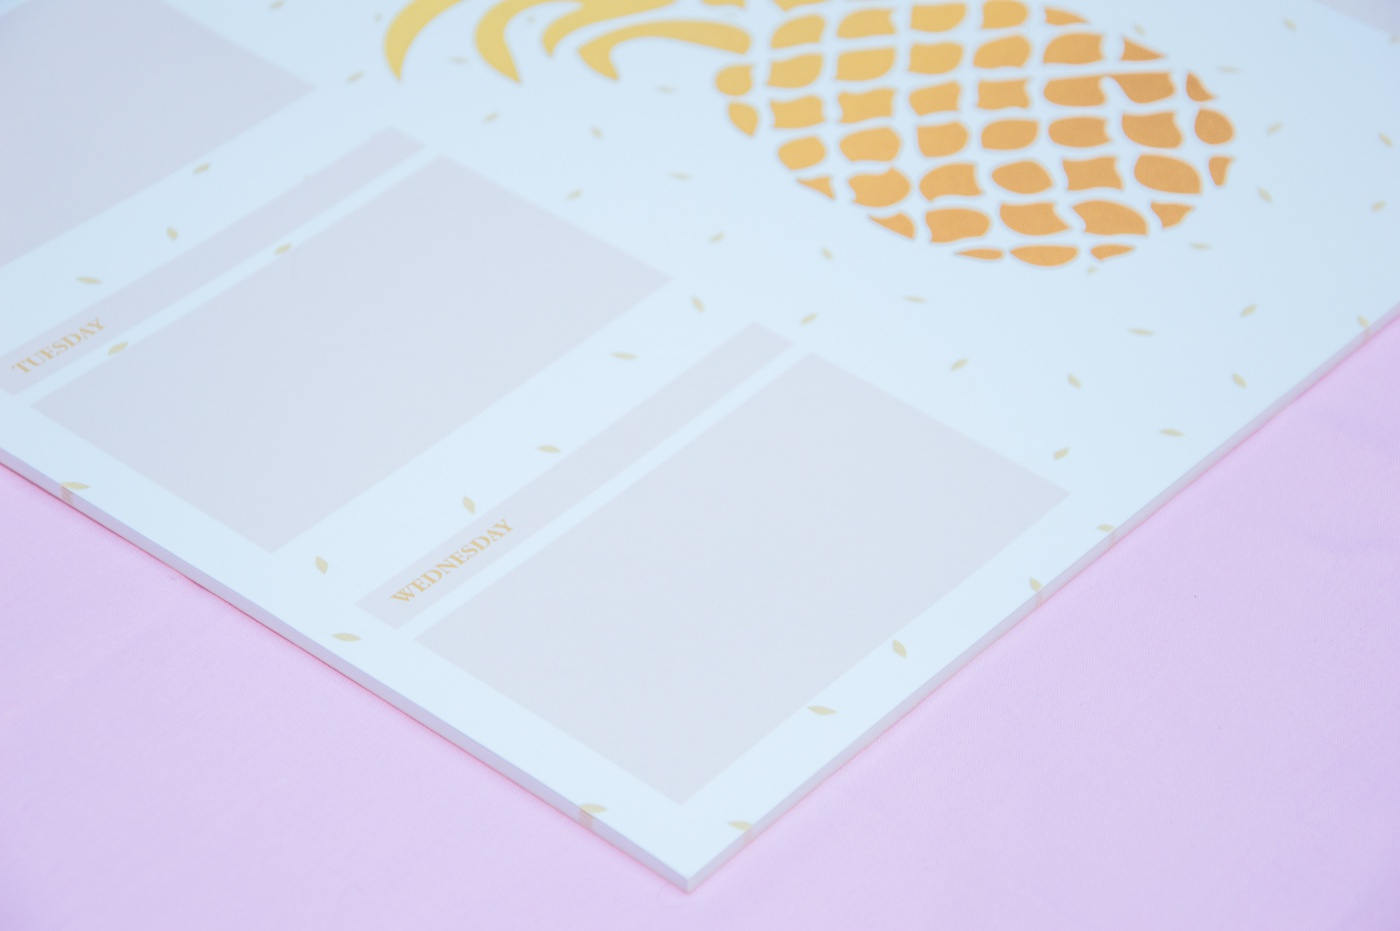 planer ananas tygodniowy na biurko z kartkami